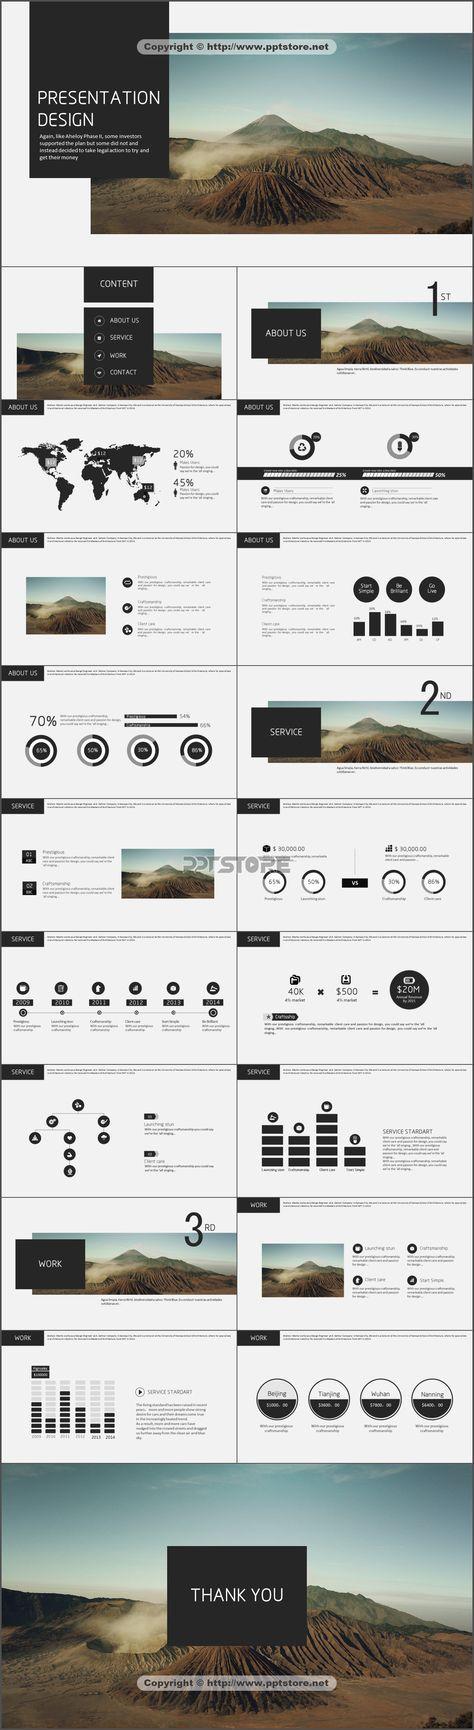 상위 8개의 디자인 관련 인기 핀 | 받은메일함 | Daum 메일